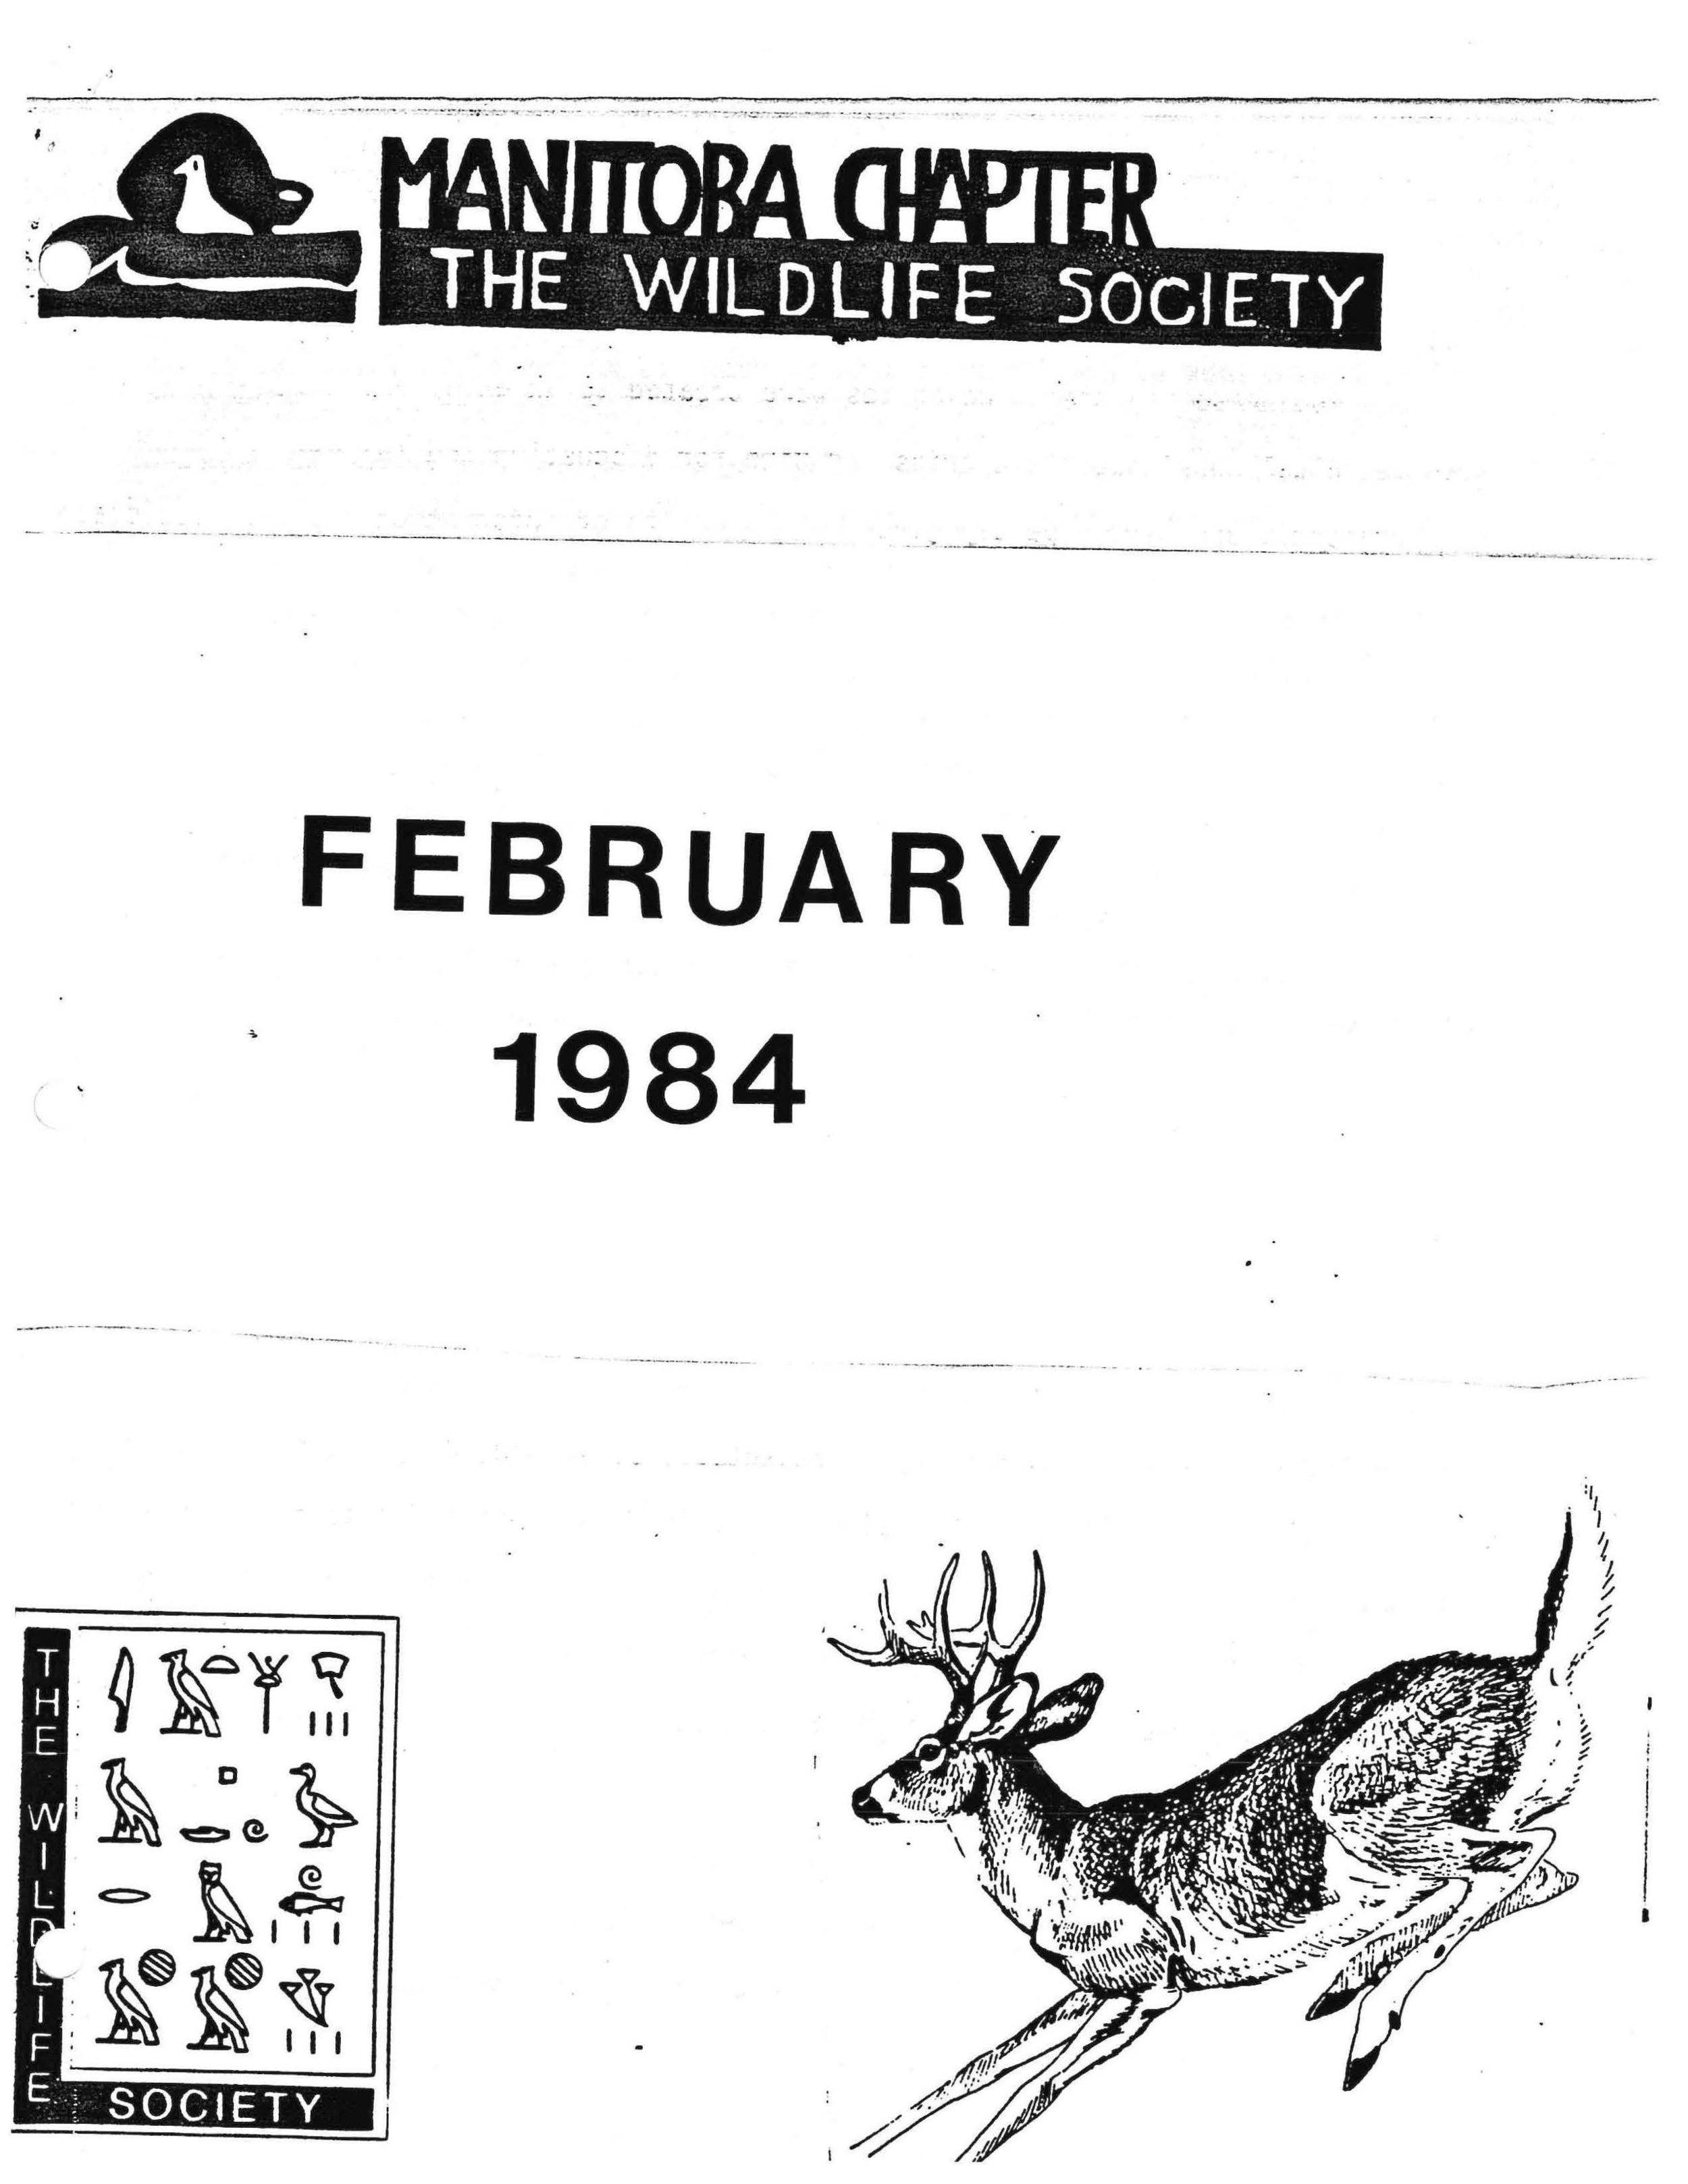 NEWS - 1984 Feb — THE WILDLIFE SOCIETY - Manitoba Chapter